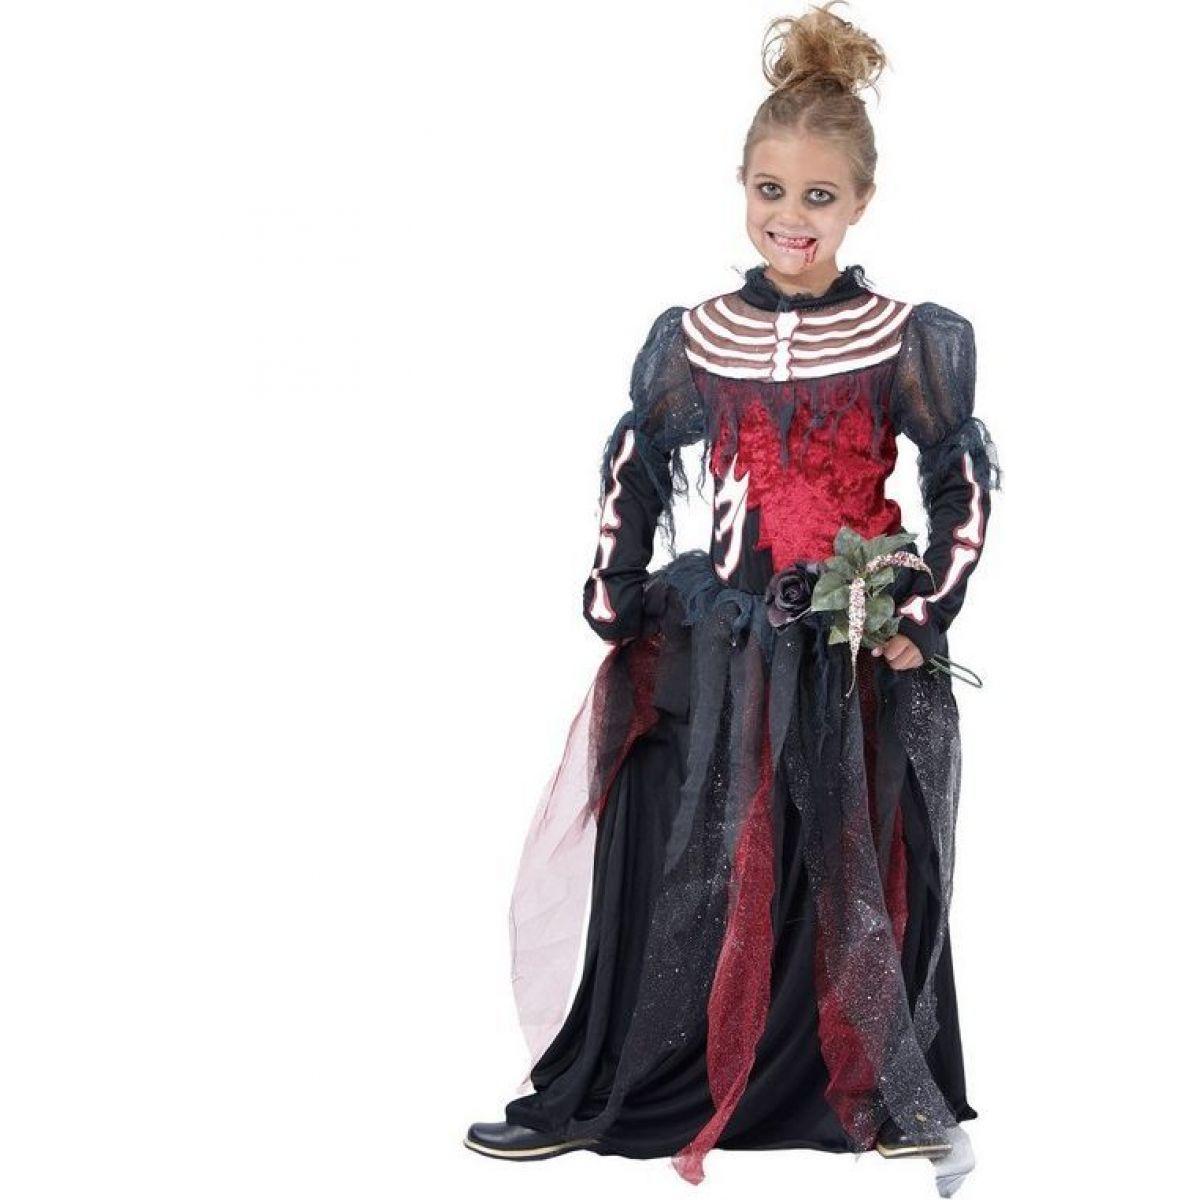 Made Detský kostým Zombie dievča 130-140 cm